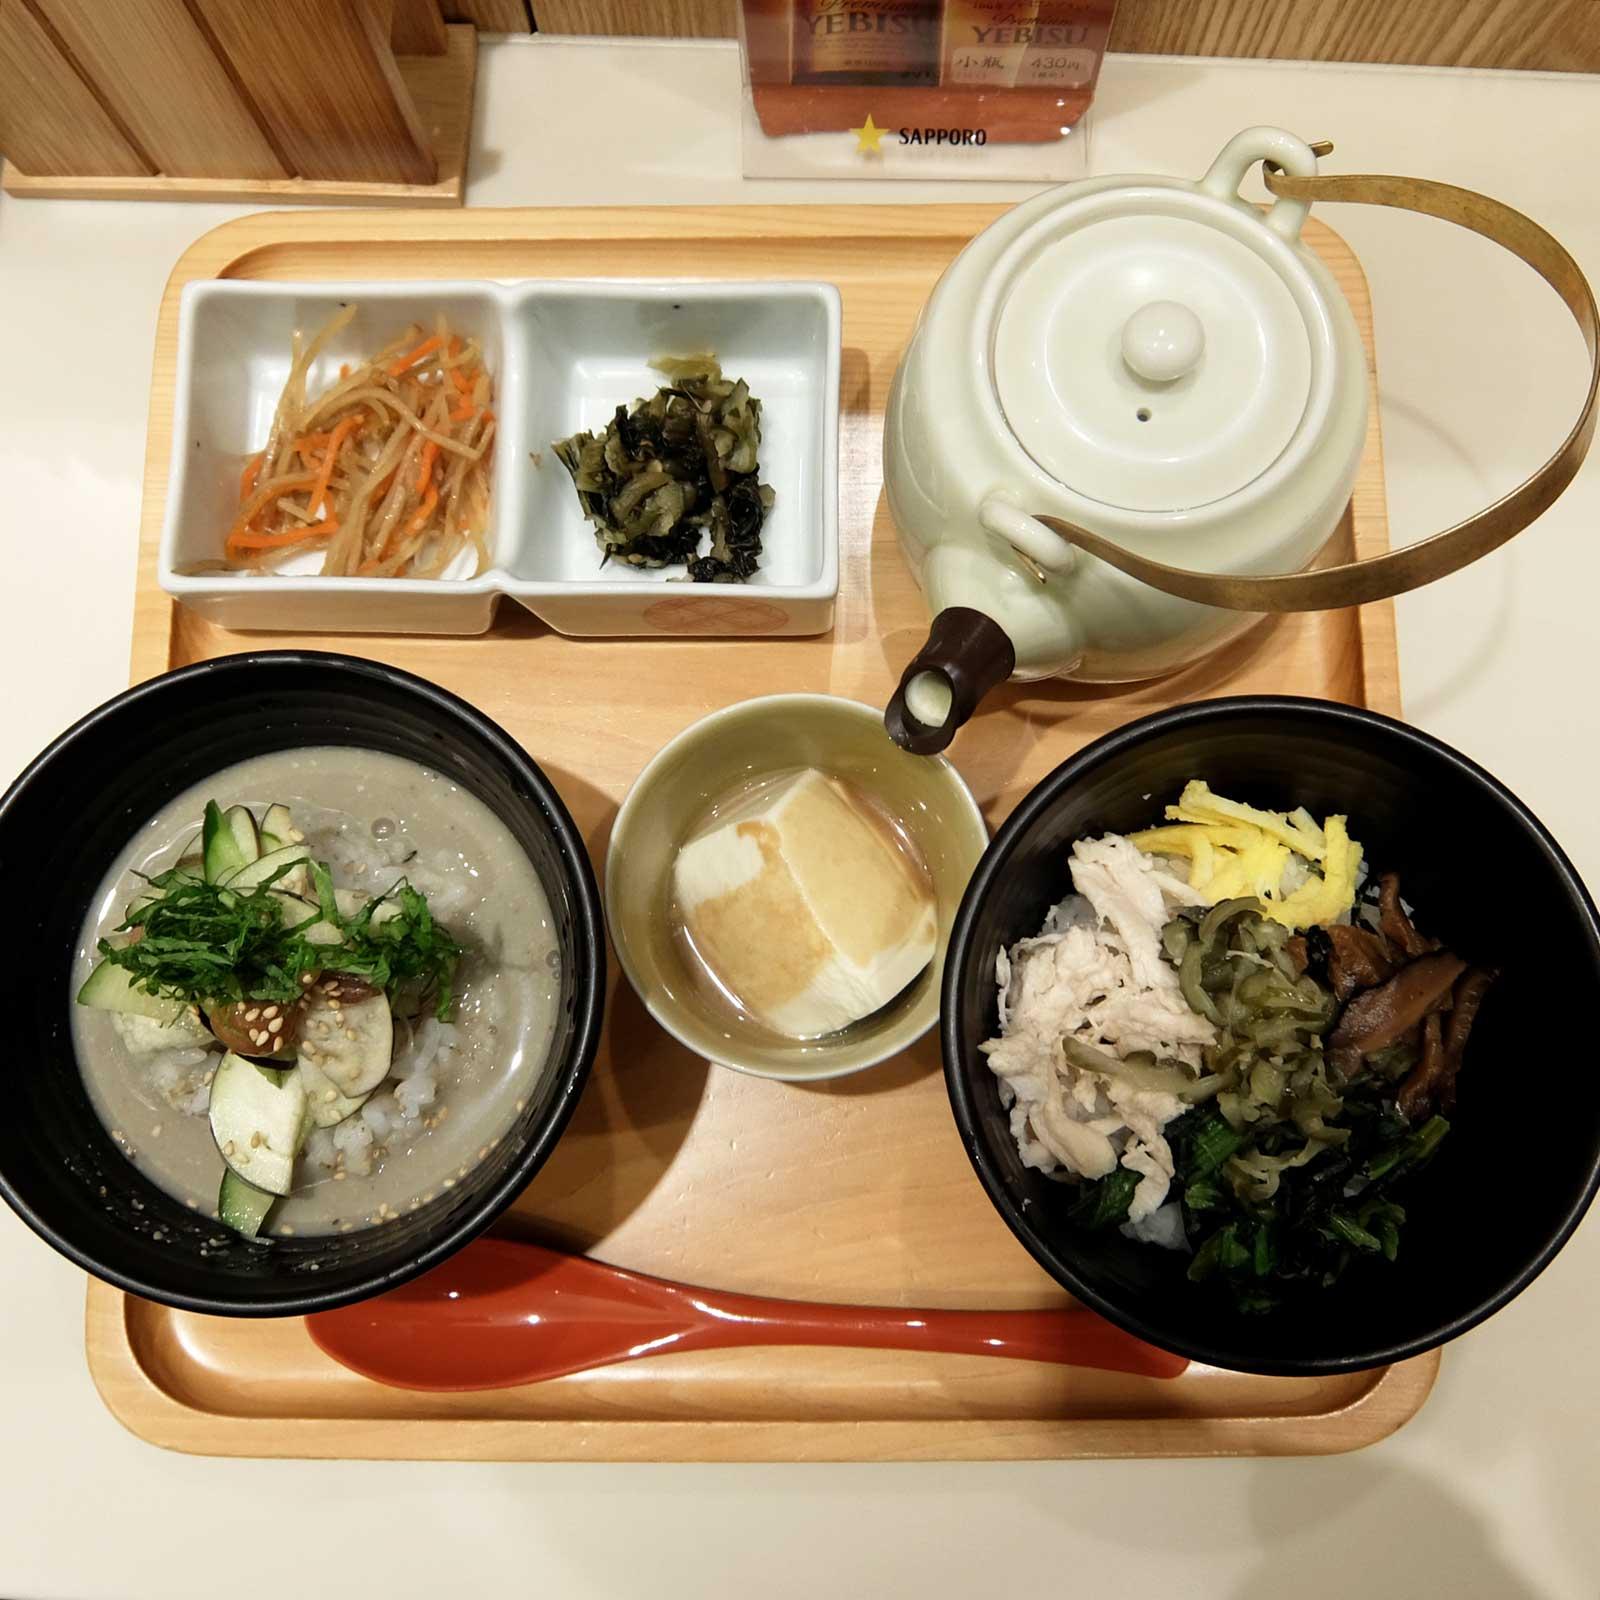 だし茶漬け+肉うどん えん ルクア大阪店 鶏飯 冷や汁 ハーフ&ハーフ ルクア大阪 バルチカ 梅田